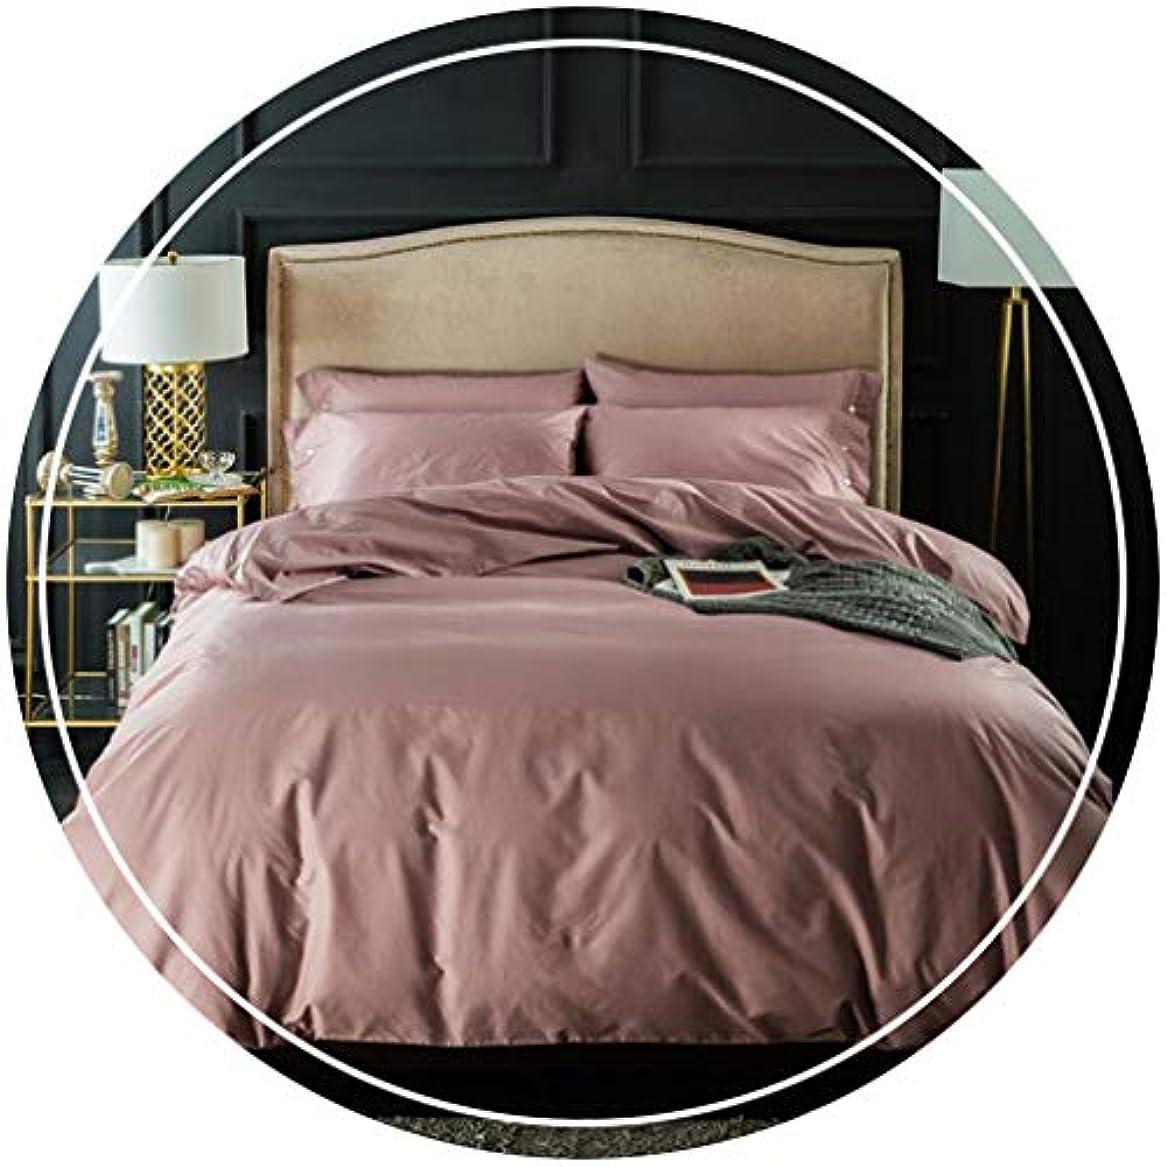 貴重な法令純正HUYYA シートカバー、寝具カバーセット 柔らかく快適 4枚セットのシート マイクロファイバー シーツと枕セット,Bean powder_Increase